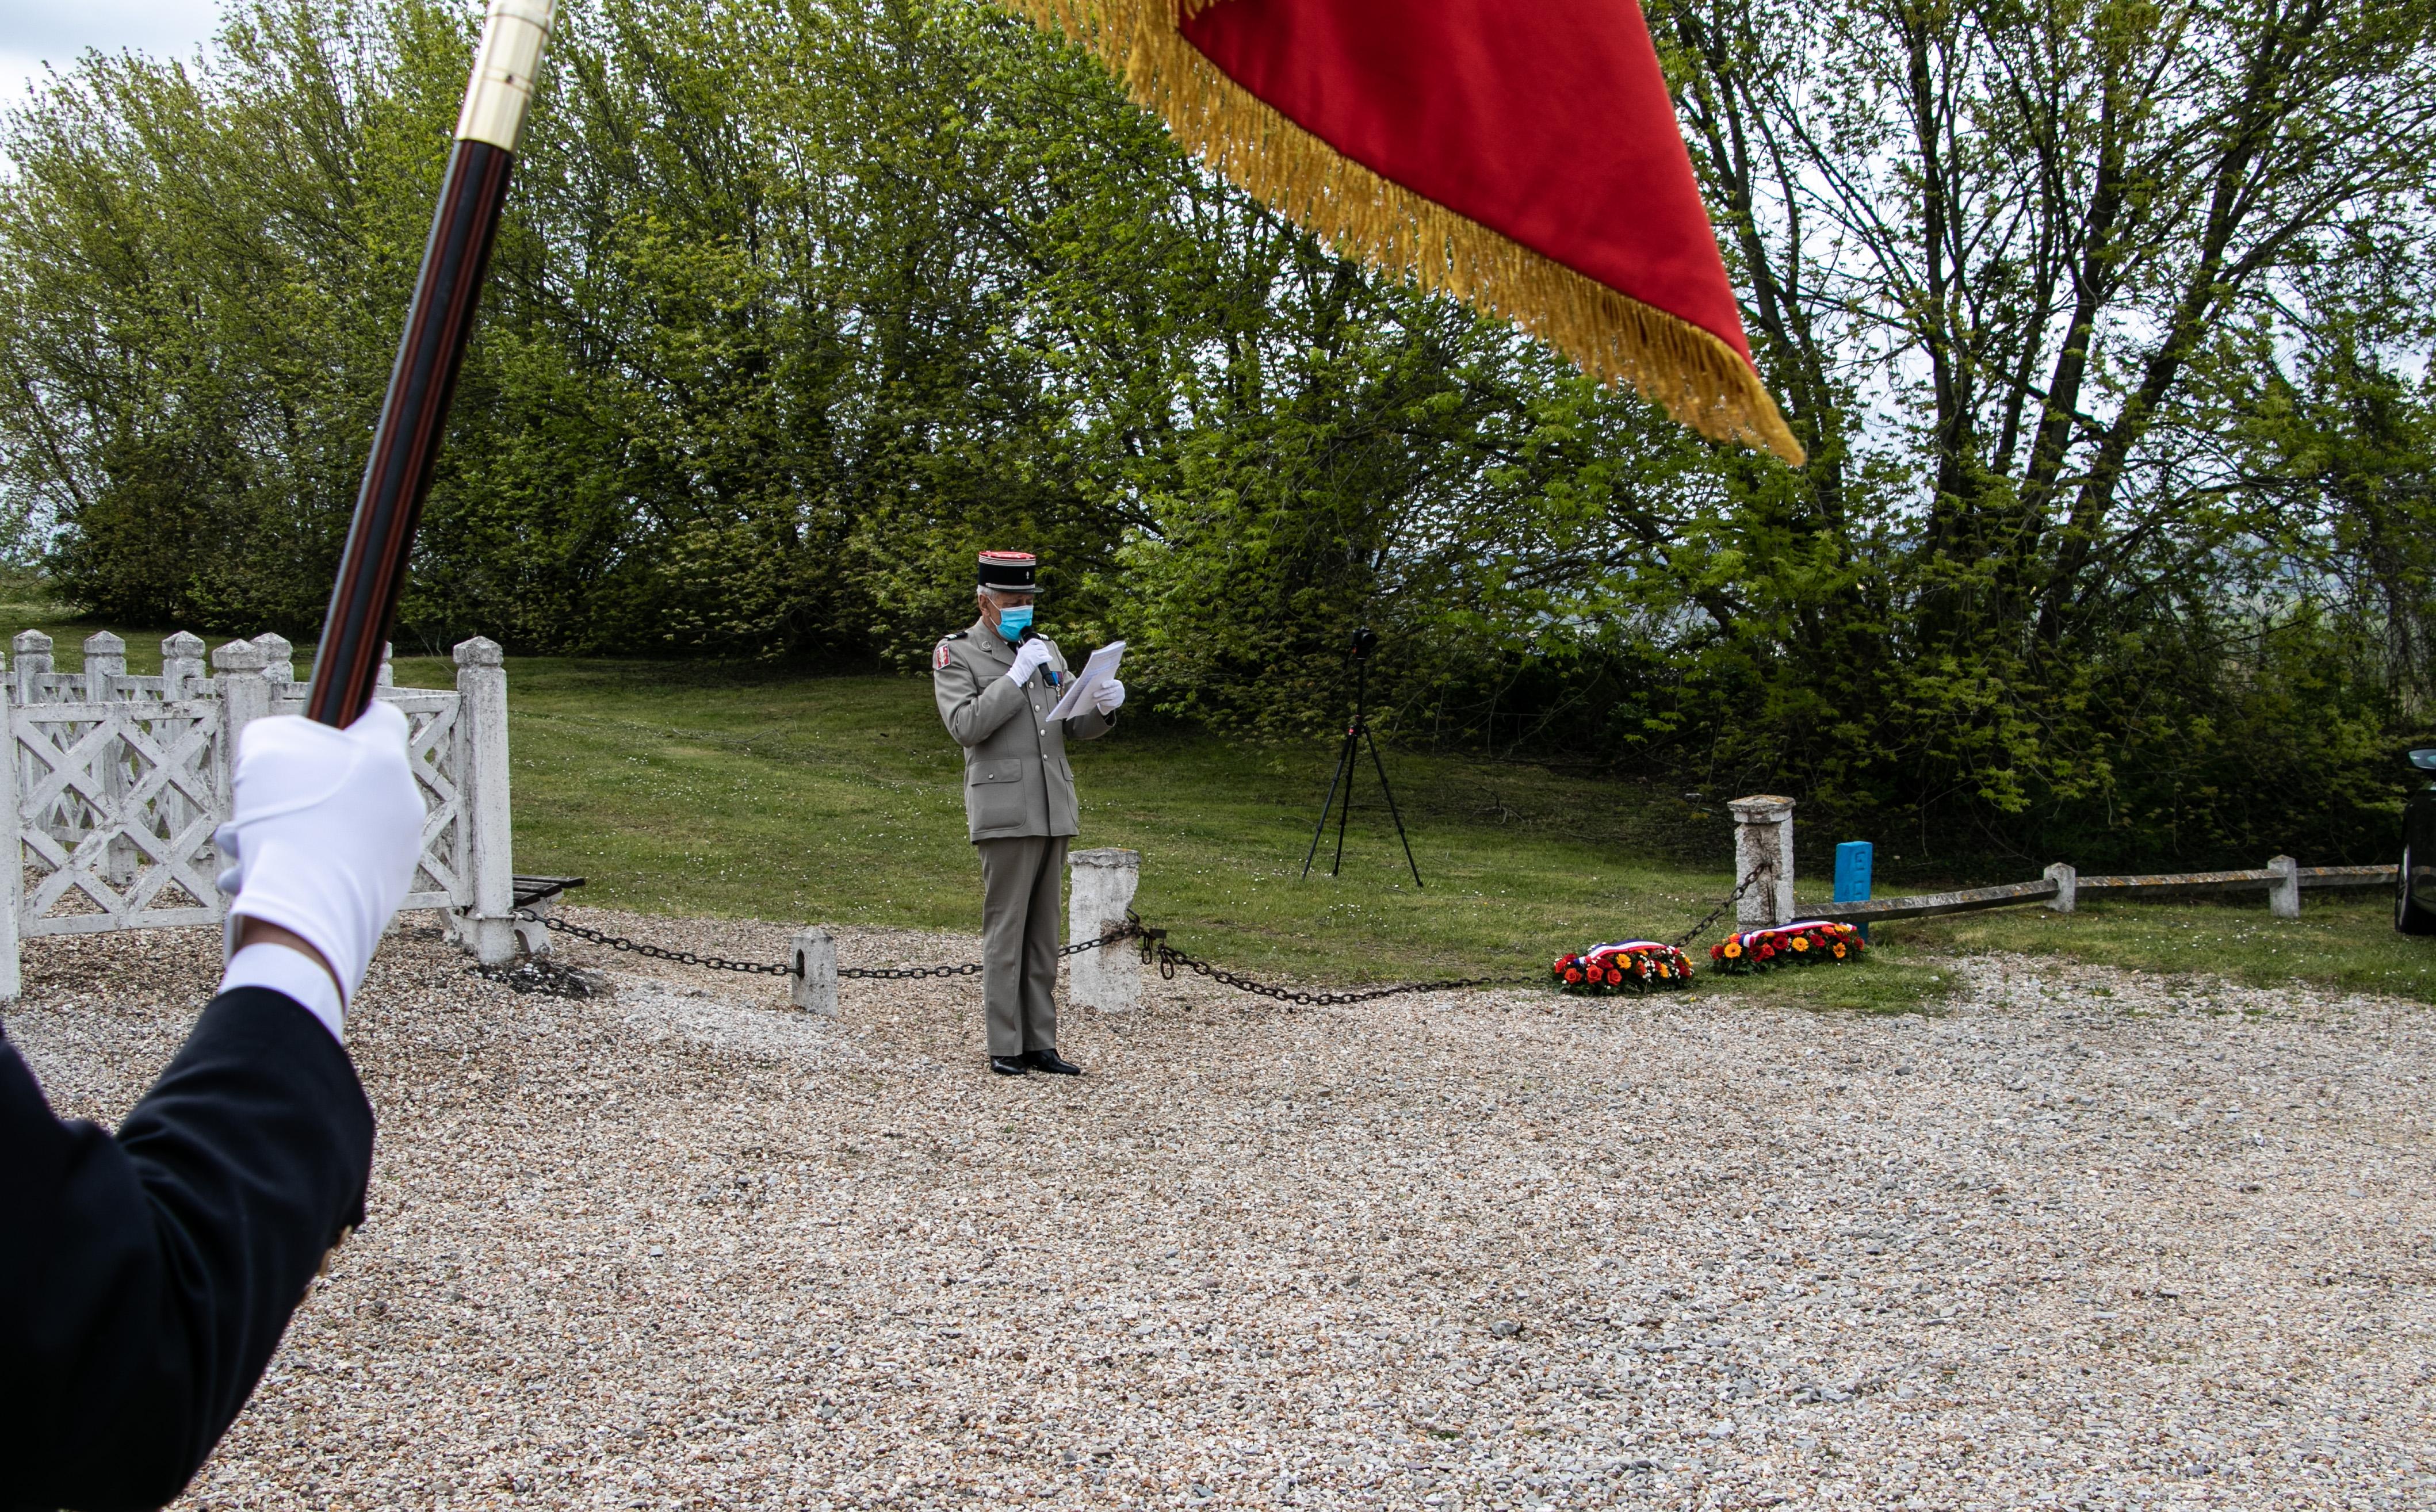 Tournage tricotage entrerprise Maternne à Moreuil photo façade batiment 5 _4 sur 15_.jpg